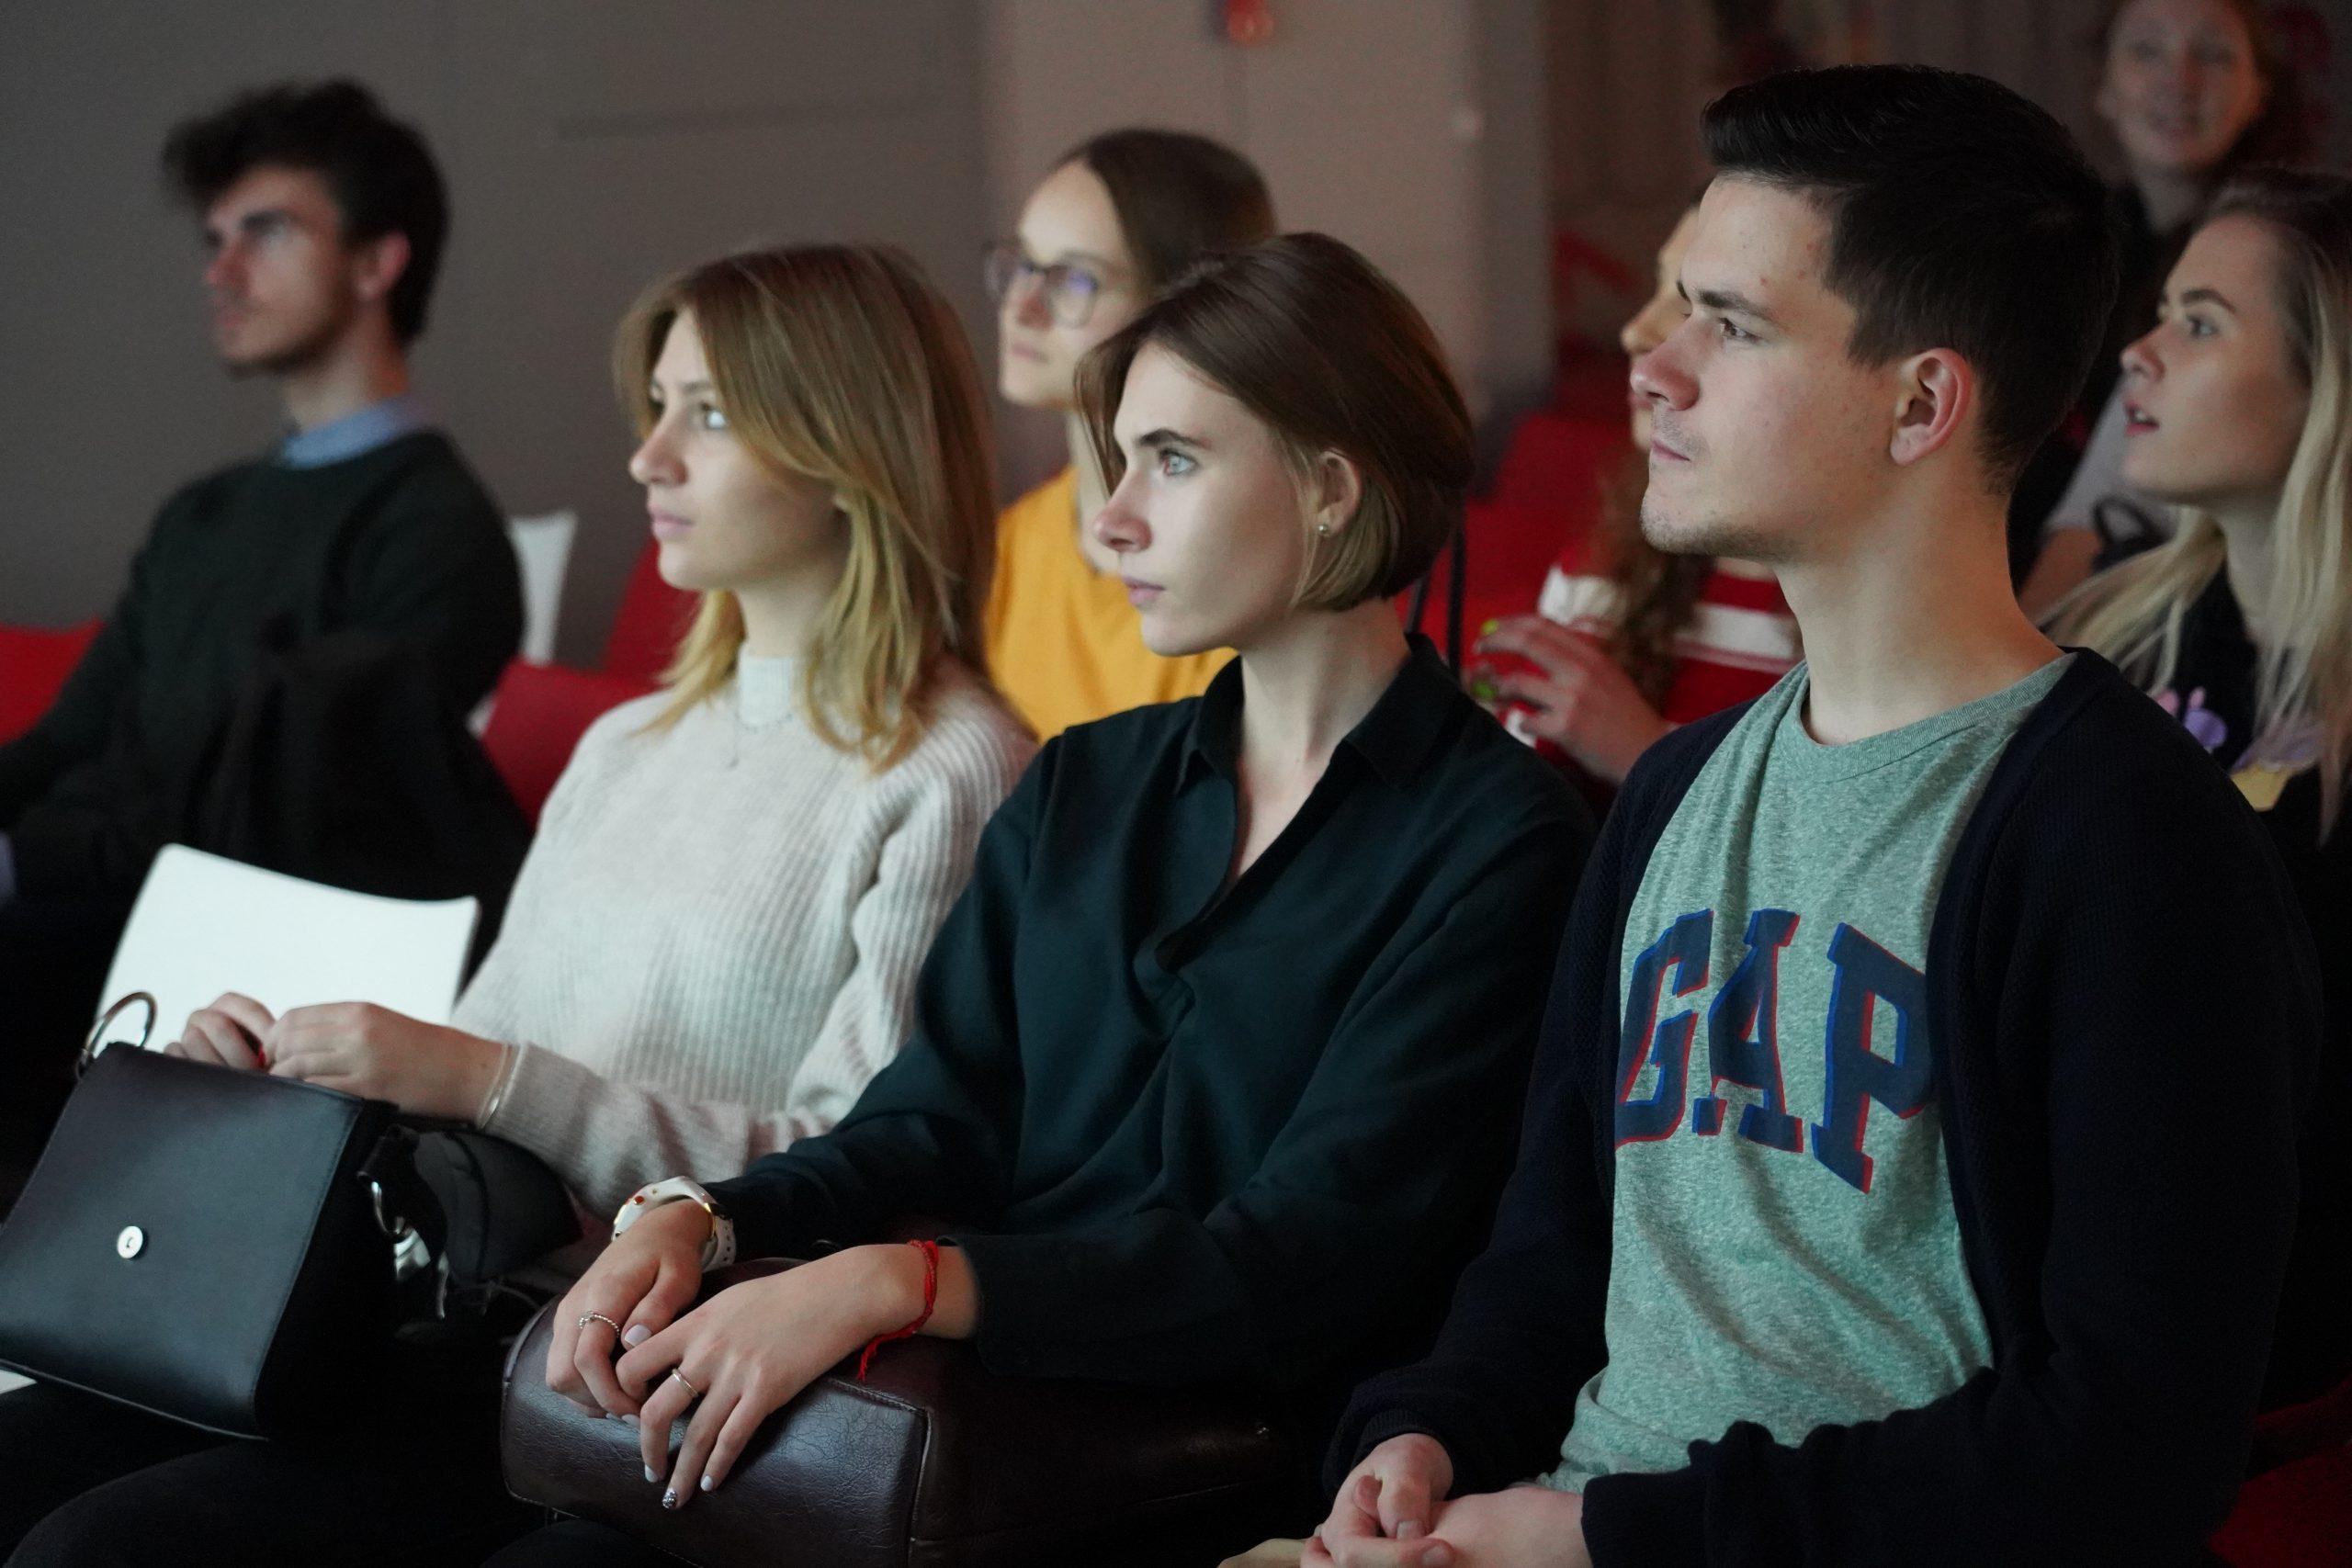 Представители библиотеки №261 поселения Сосенское провели кинопросмотр и встречу с режиссером